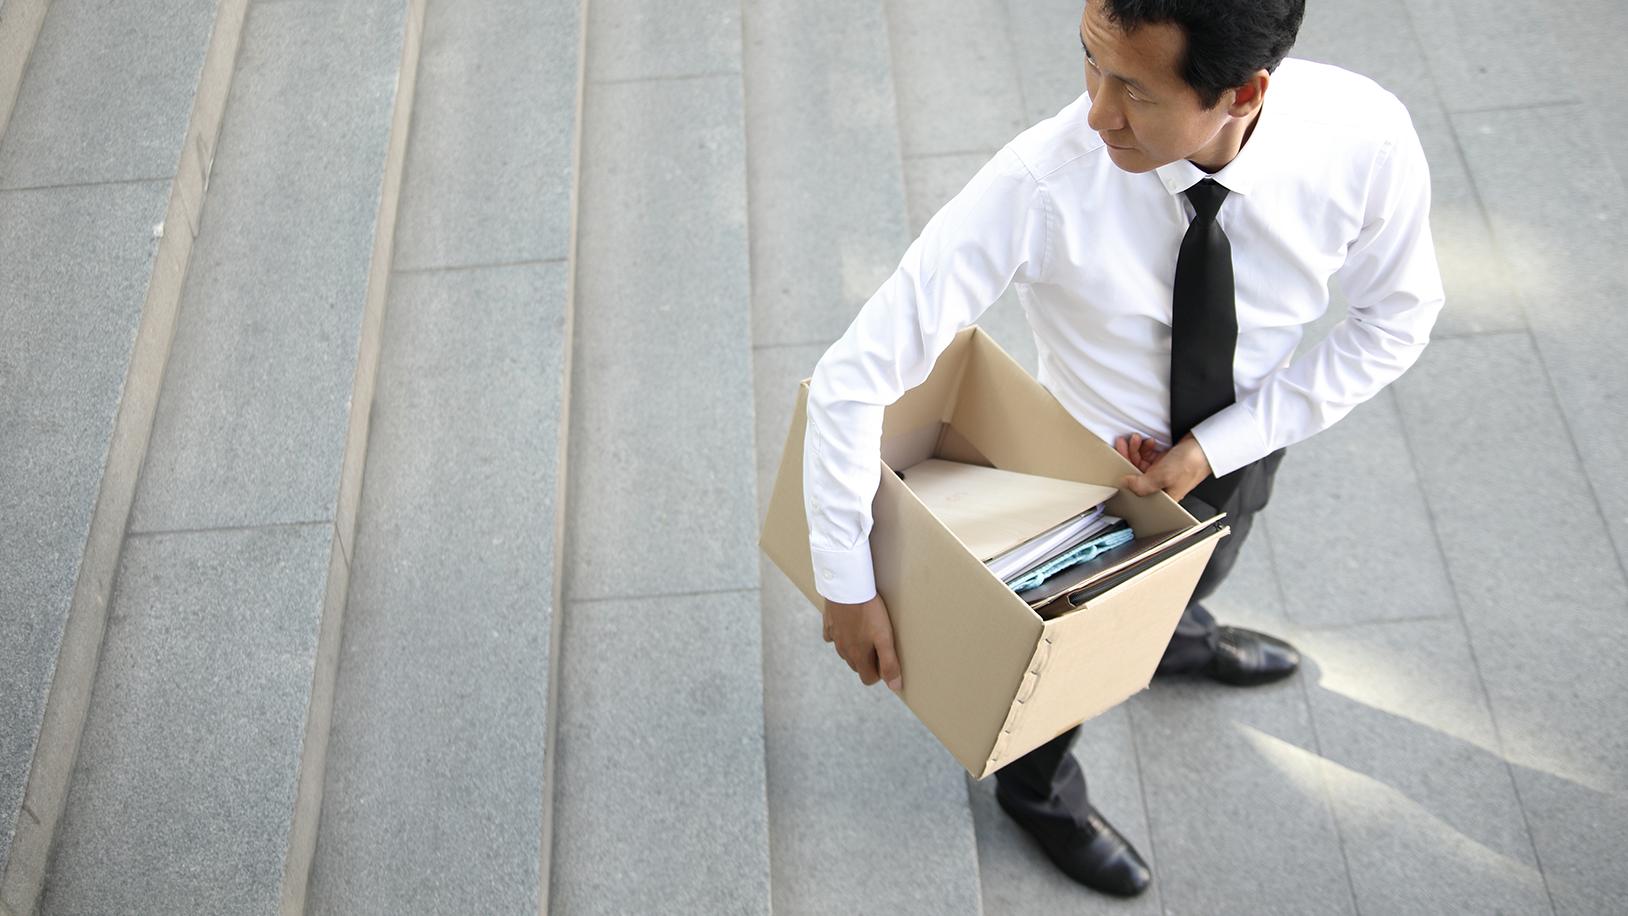 В США тысячи ИТ-специалистов теряют работу